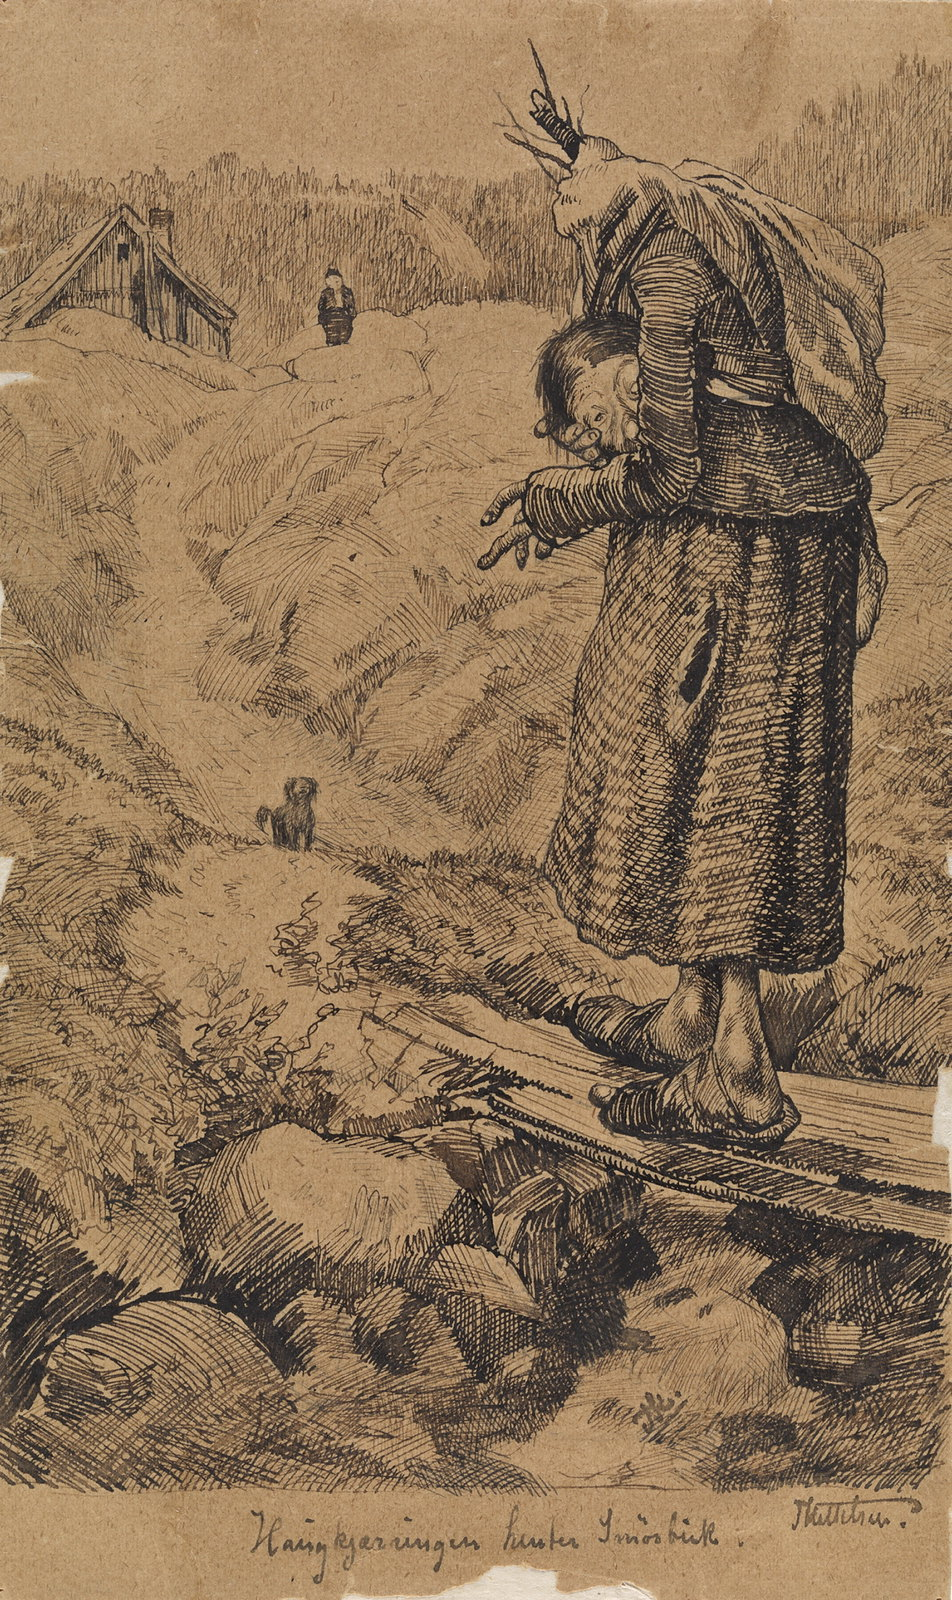 """Theodor Kittelsen - """" It will be a big , long haugkjerring with hodet forearm ... """"Ubenyttet illustrasjon til """" Smørbukk """" , P. Chr. Asbjørnsen , Eventyrbog 's born I Gyldendalske Boghandels publishers, Kjøbenhavn 1883Haugkjærringen Henter Smørbuk"""